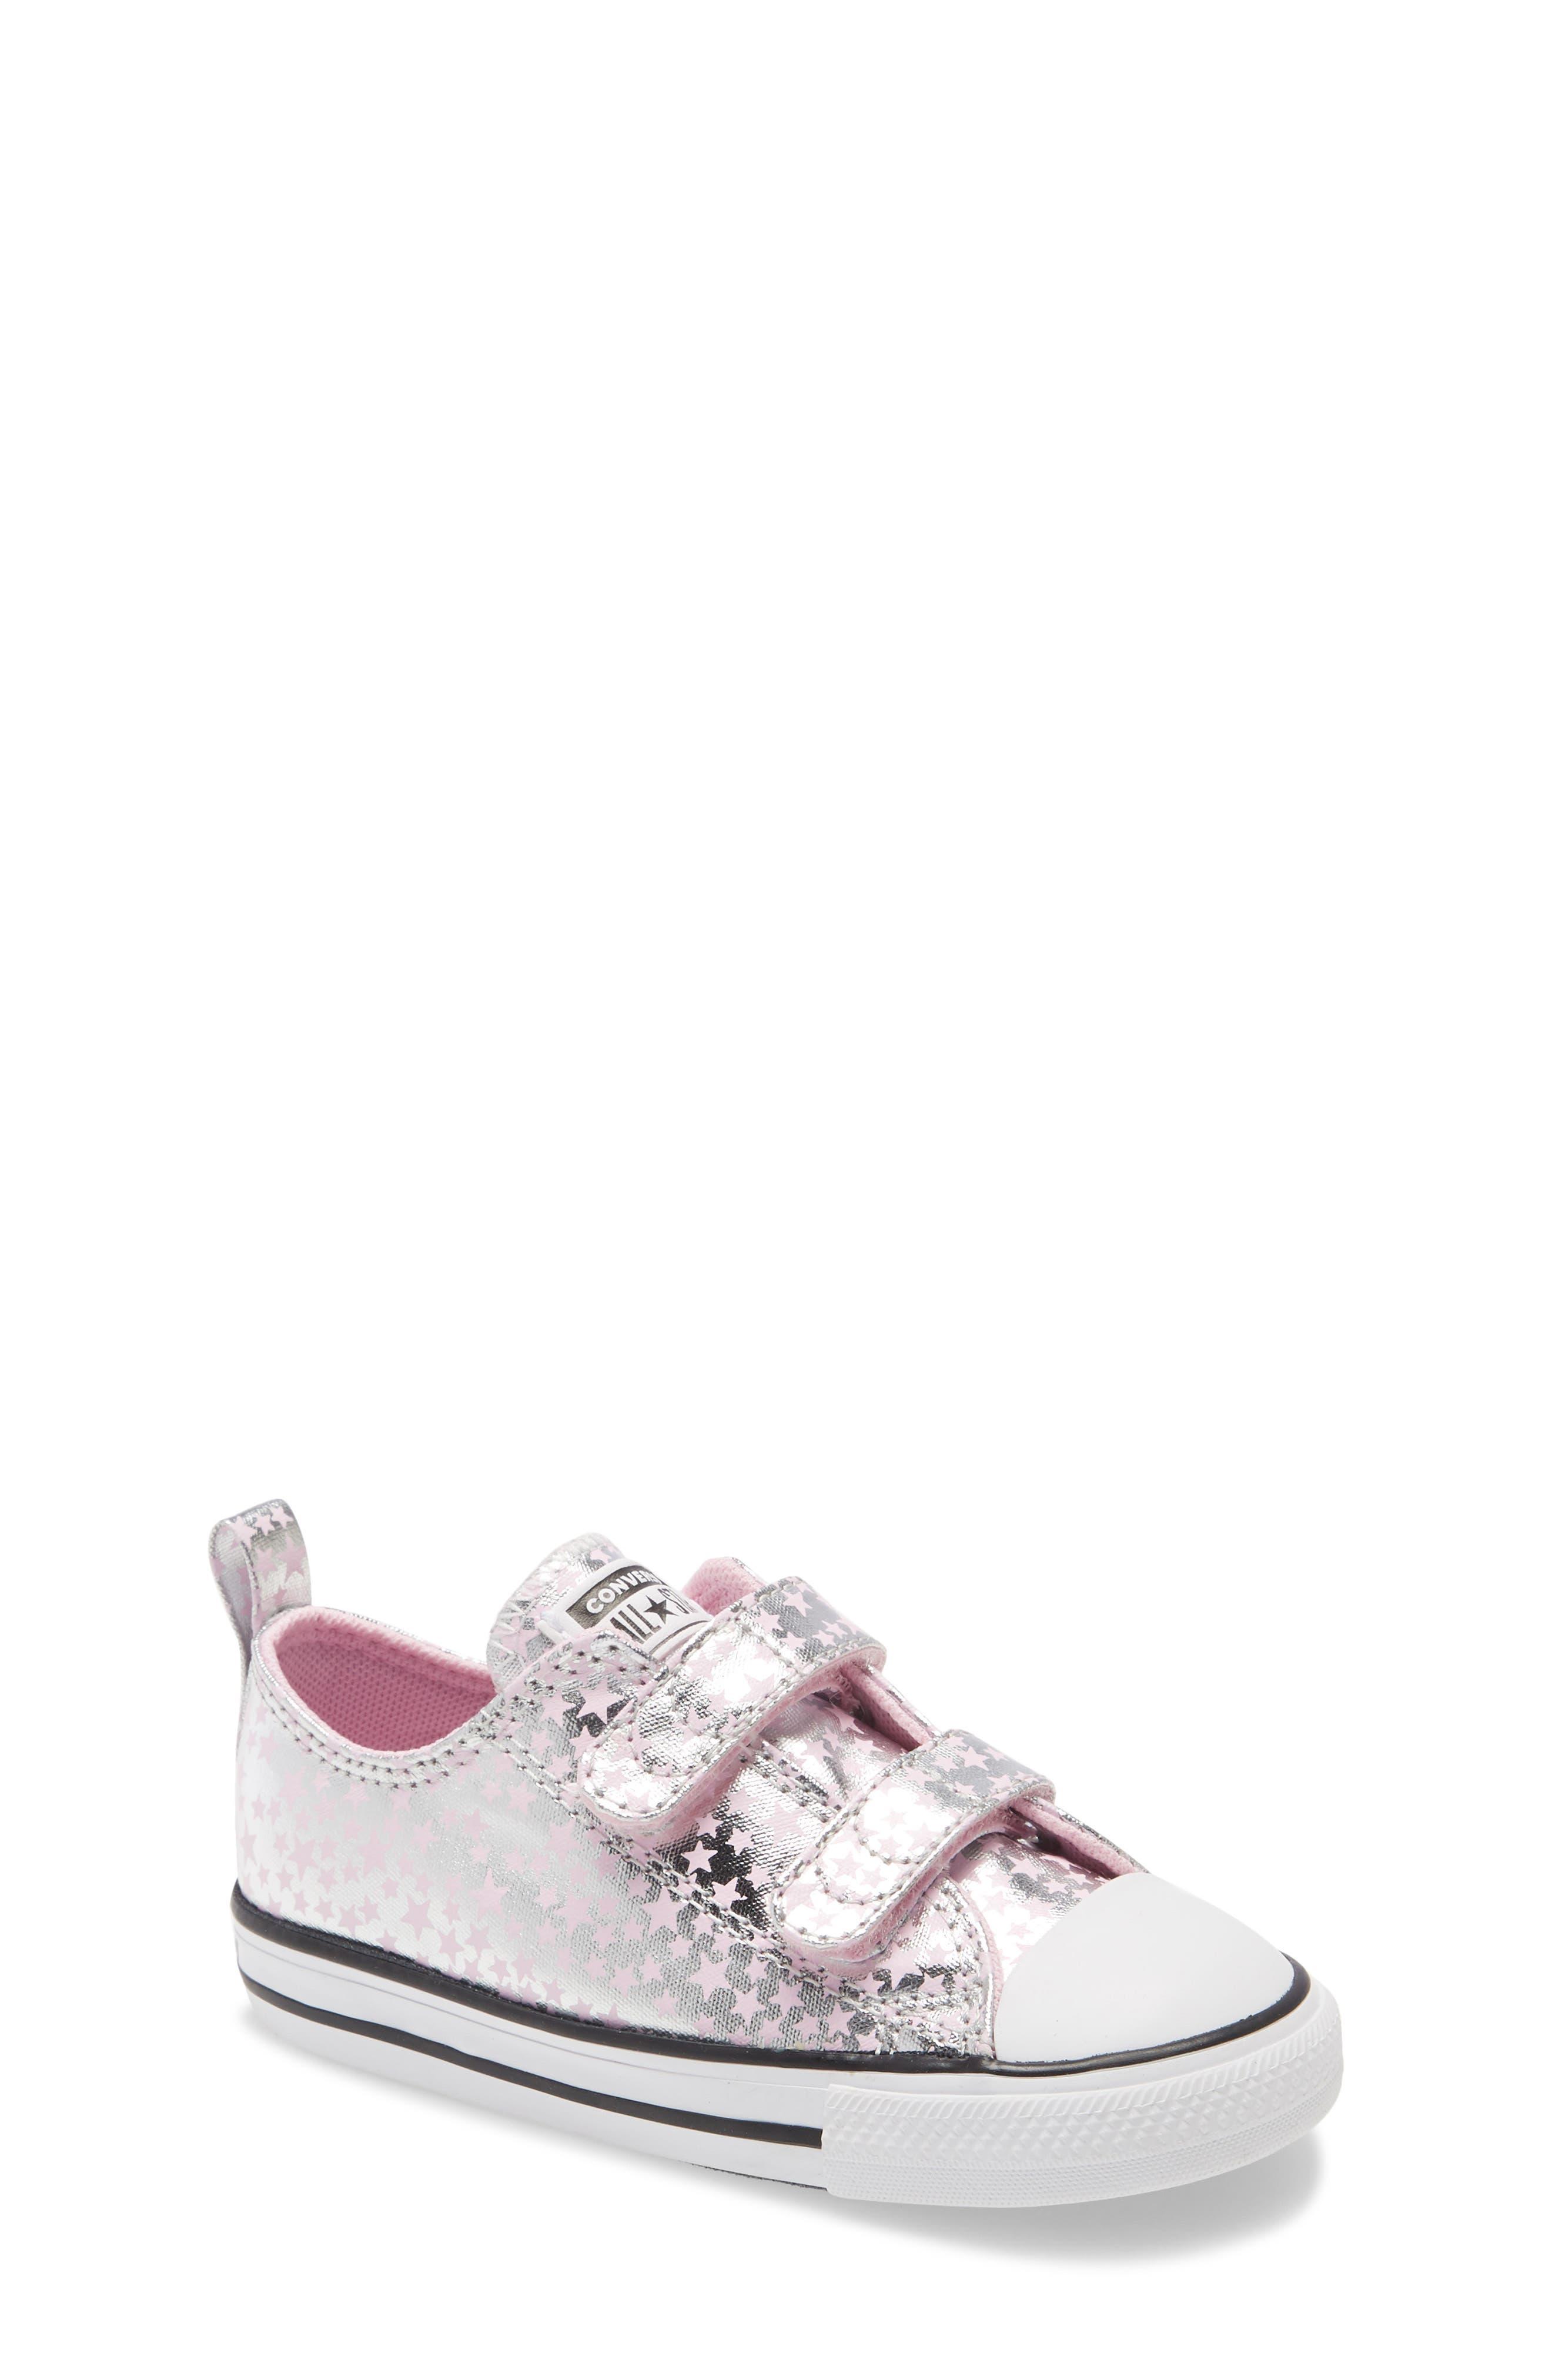 converse strap shoes Shop Clothing & Shoes Online